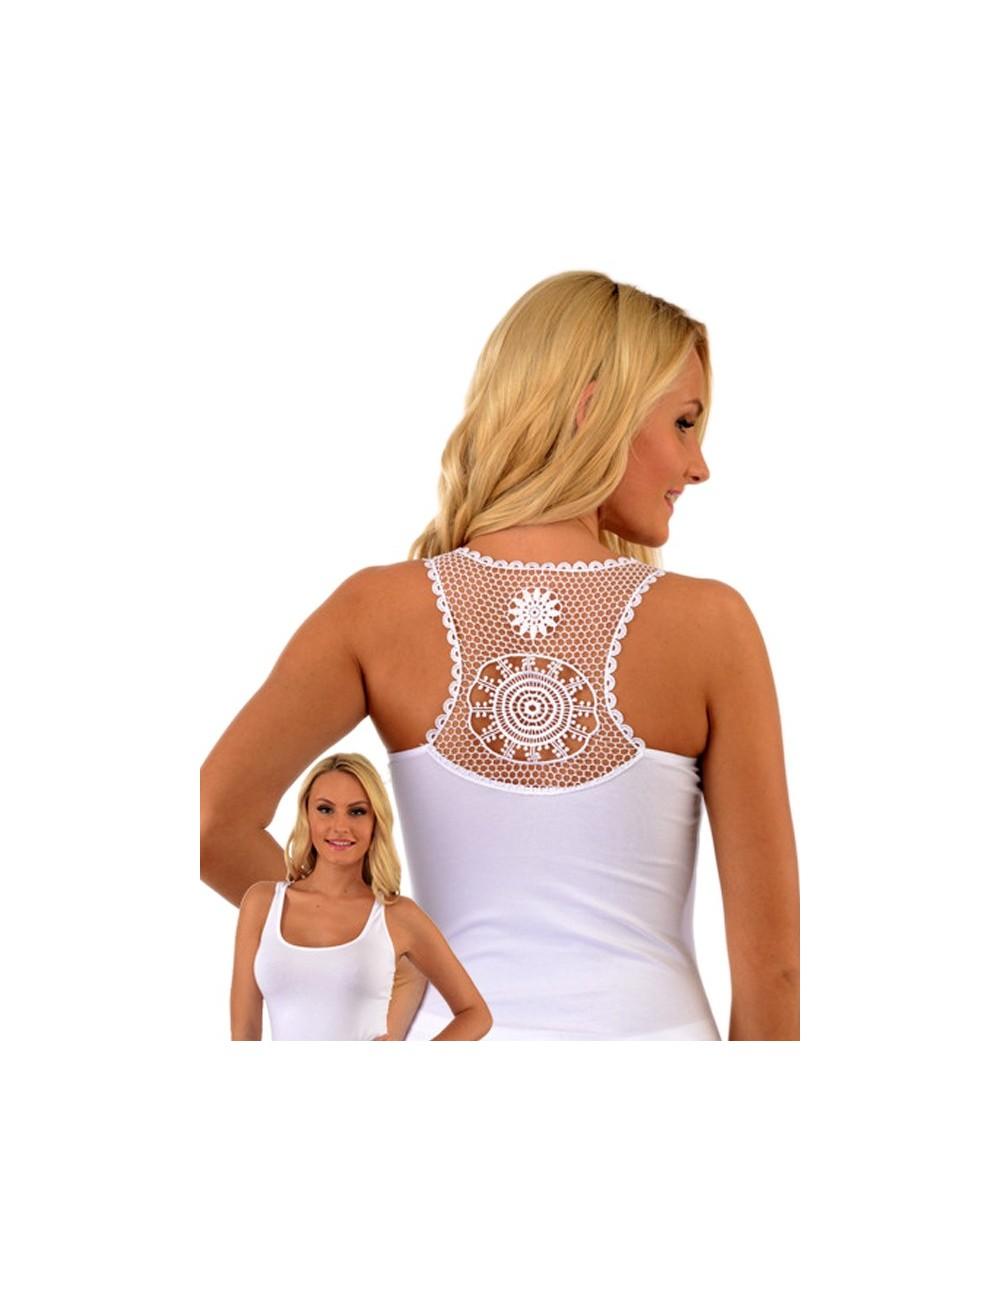 Γυναικείο Βαμβακερό Φανελάκι Αμάνικο με εντυπωσιακή δαντέλα στην πλάτη.